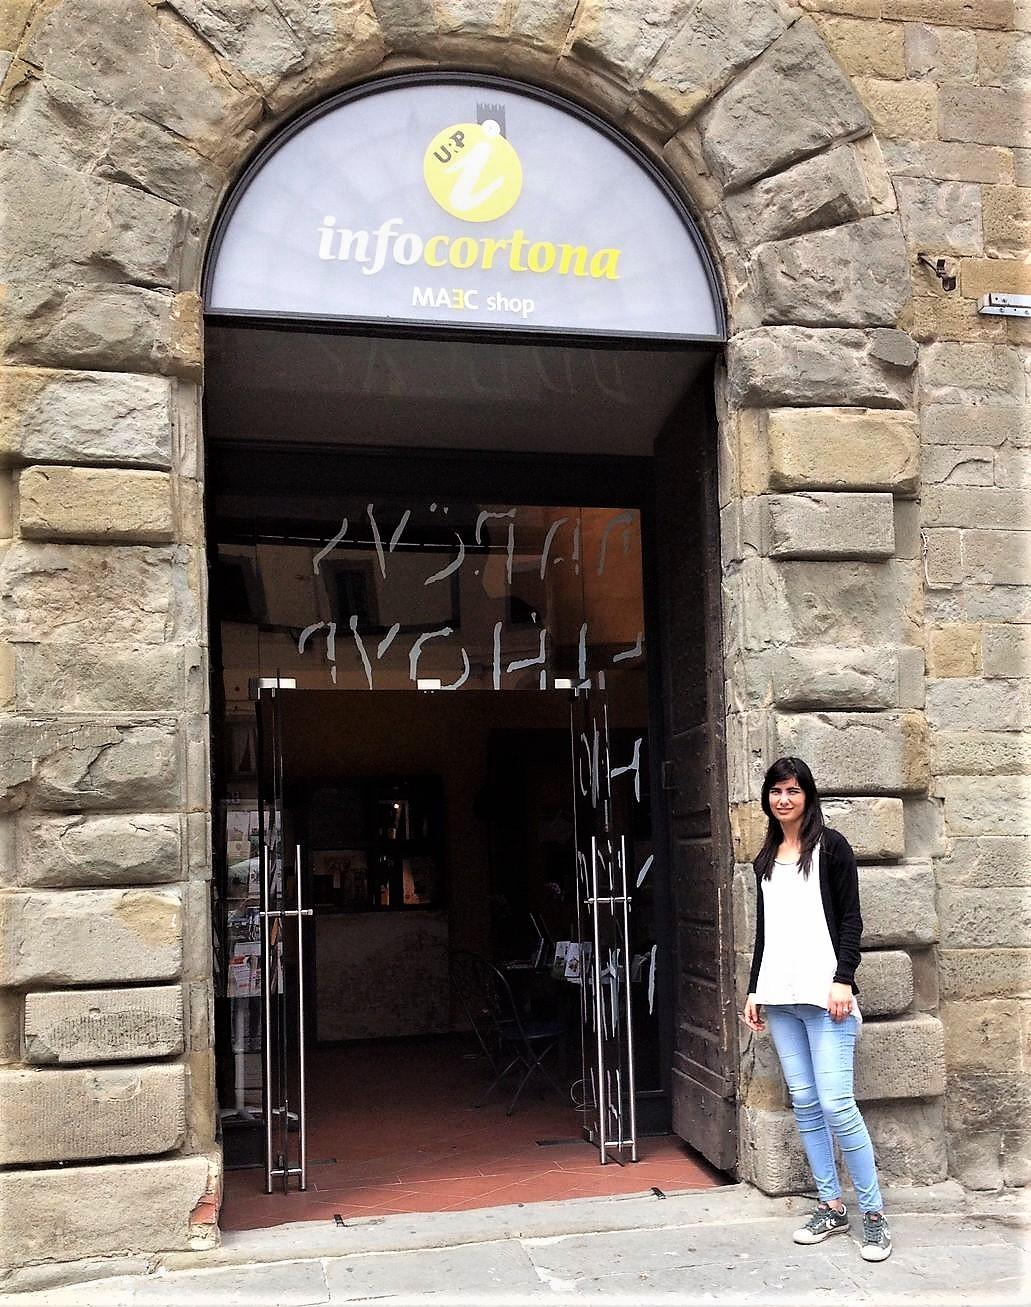 Turismo a Cortona: Novità in arrivo su servizi e organizzazione